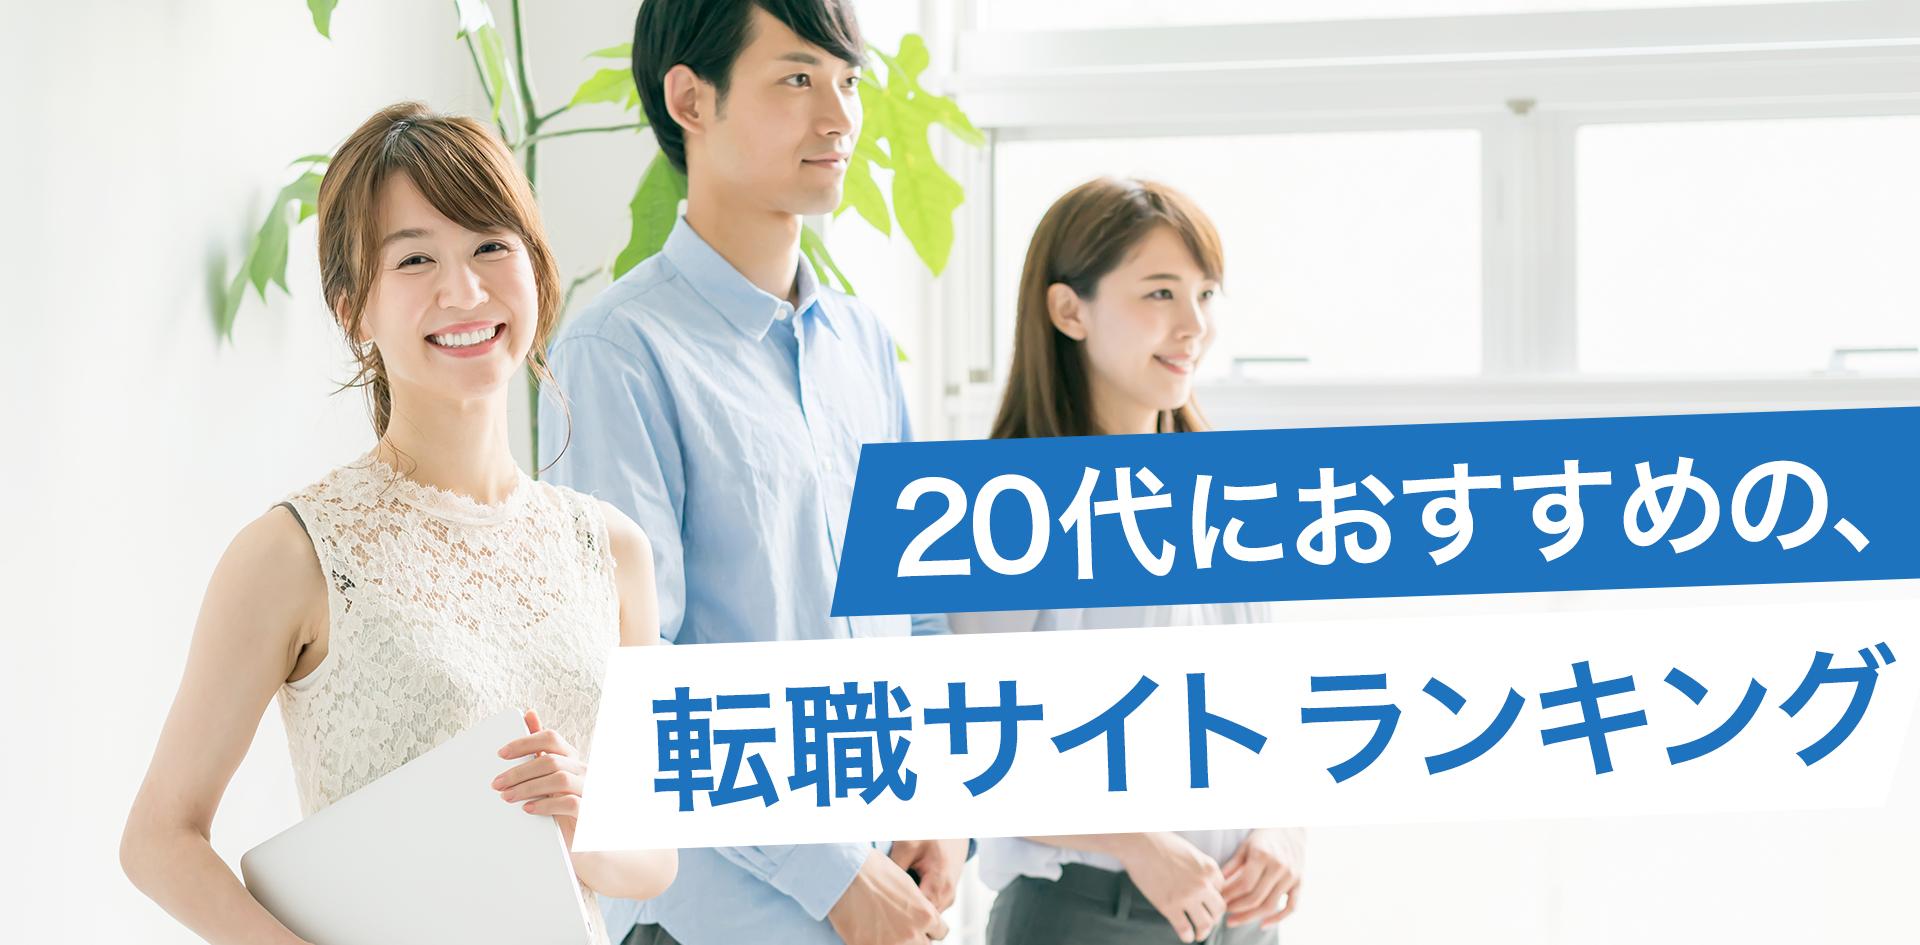 20代におすすめの転職サイトと転職エージェントをランキング形式で紹介!